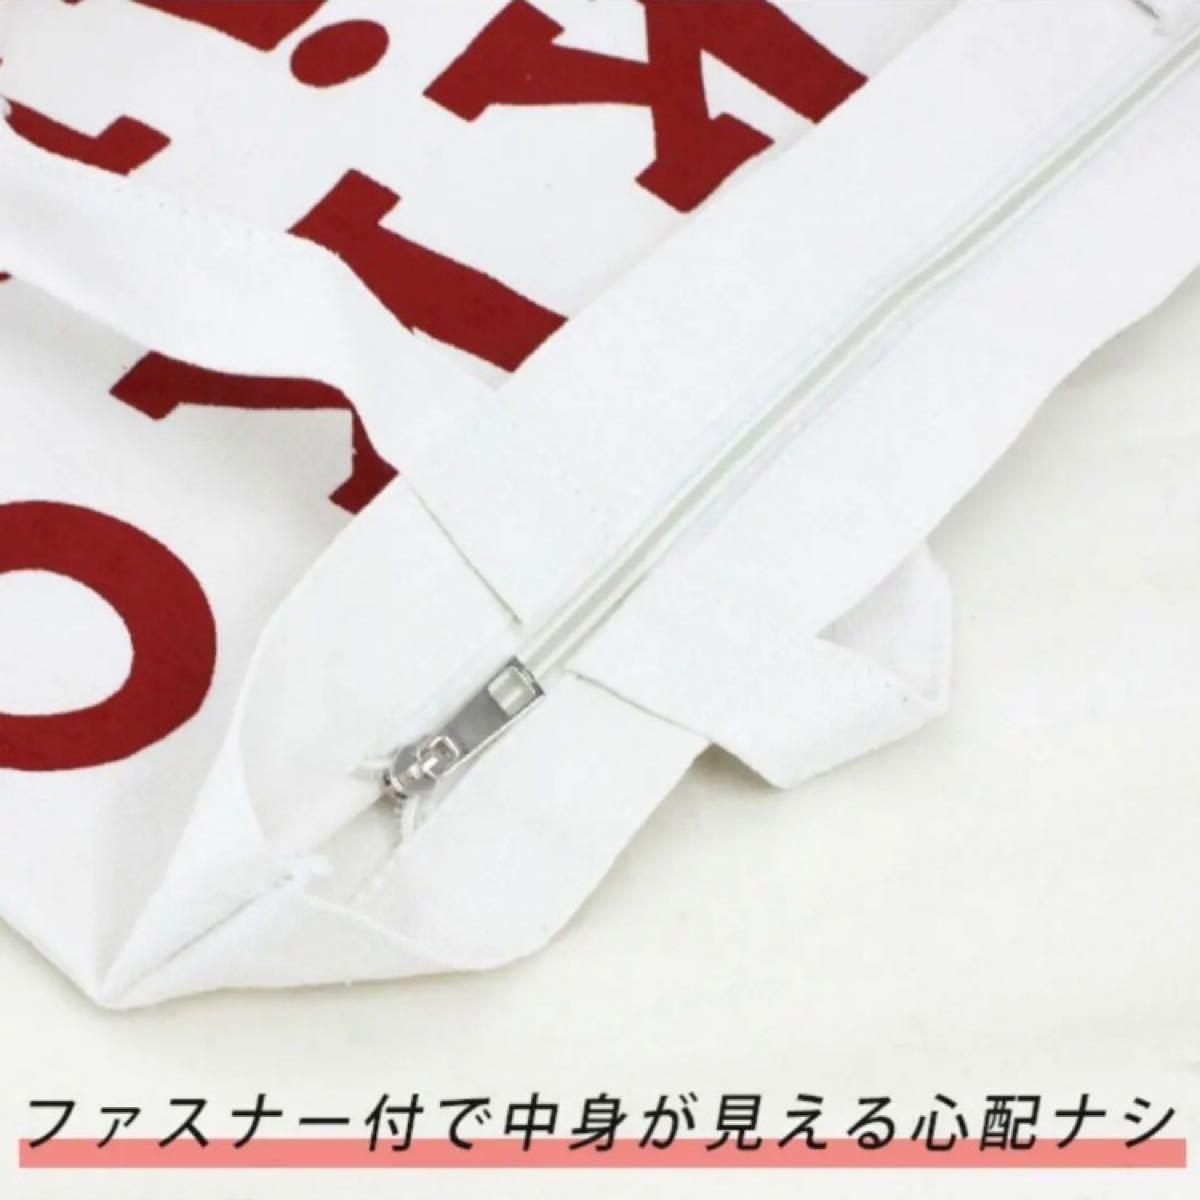 マリメッコ ロゴ トートバッグ エコバッグ 輸入 大きめ 大容量 かわいい